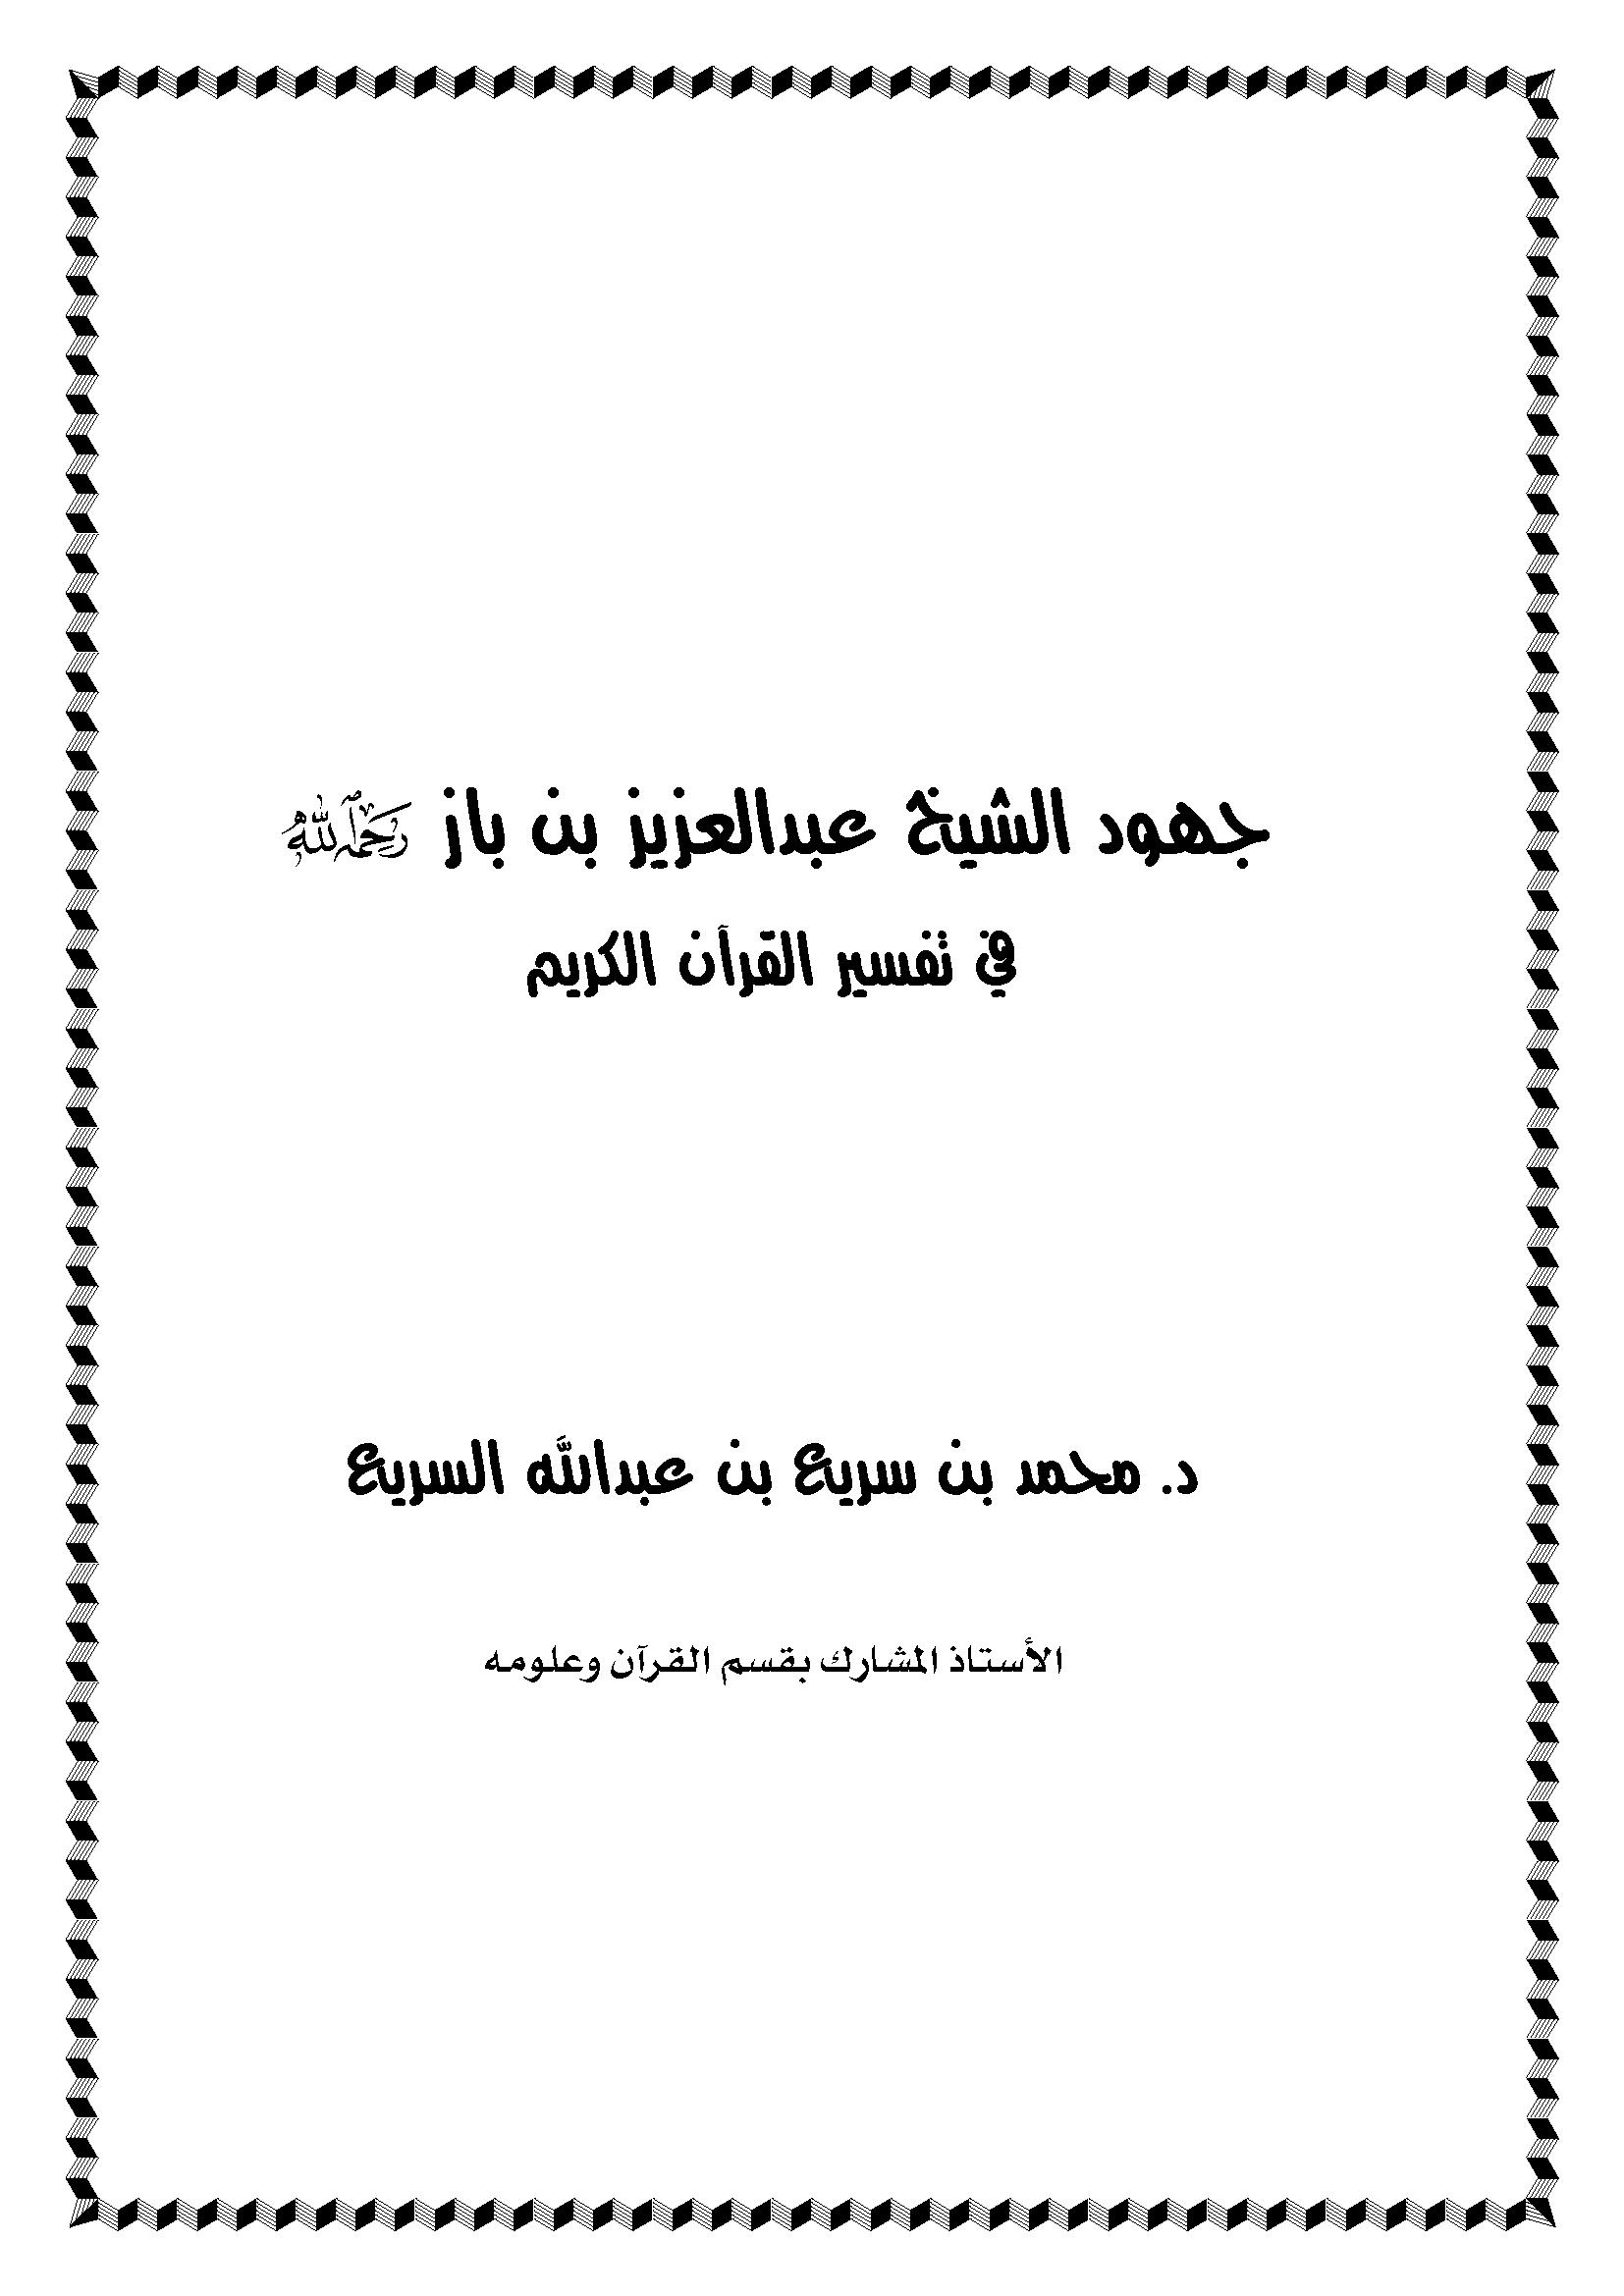 تحميل كتاب جهود الشيخ عبد العزيز بن باز رحمه الله في تفسير القرآن الكريم لـِ: الدكتور محمد بن سريّع بن عبد الله السريّع